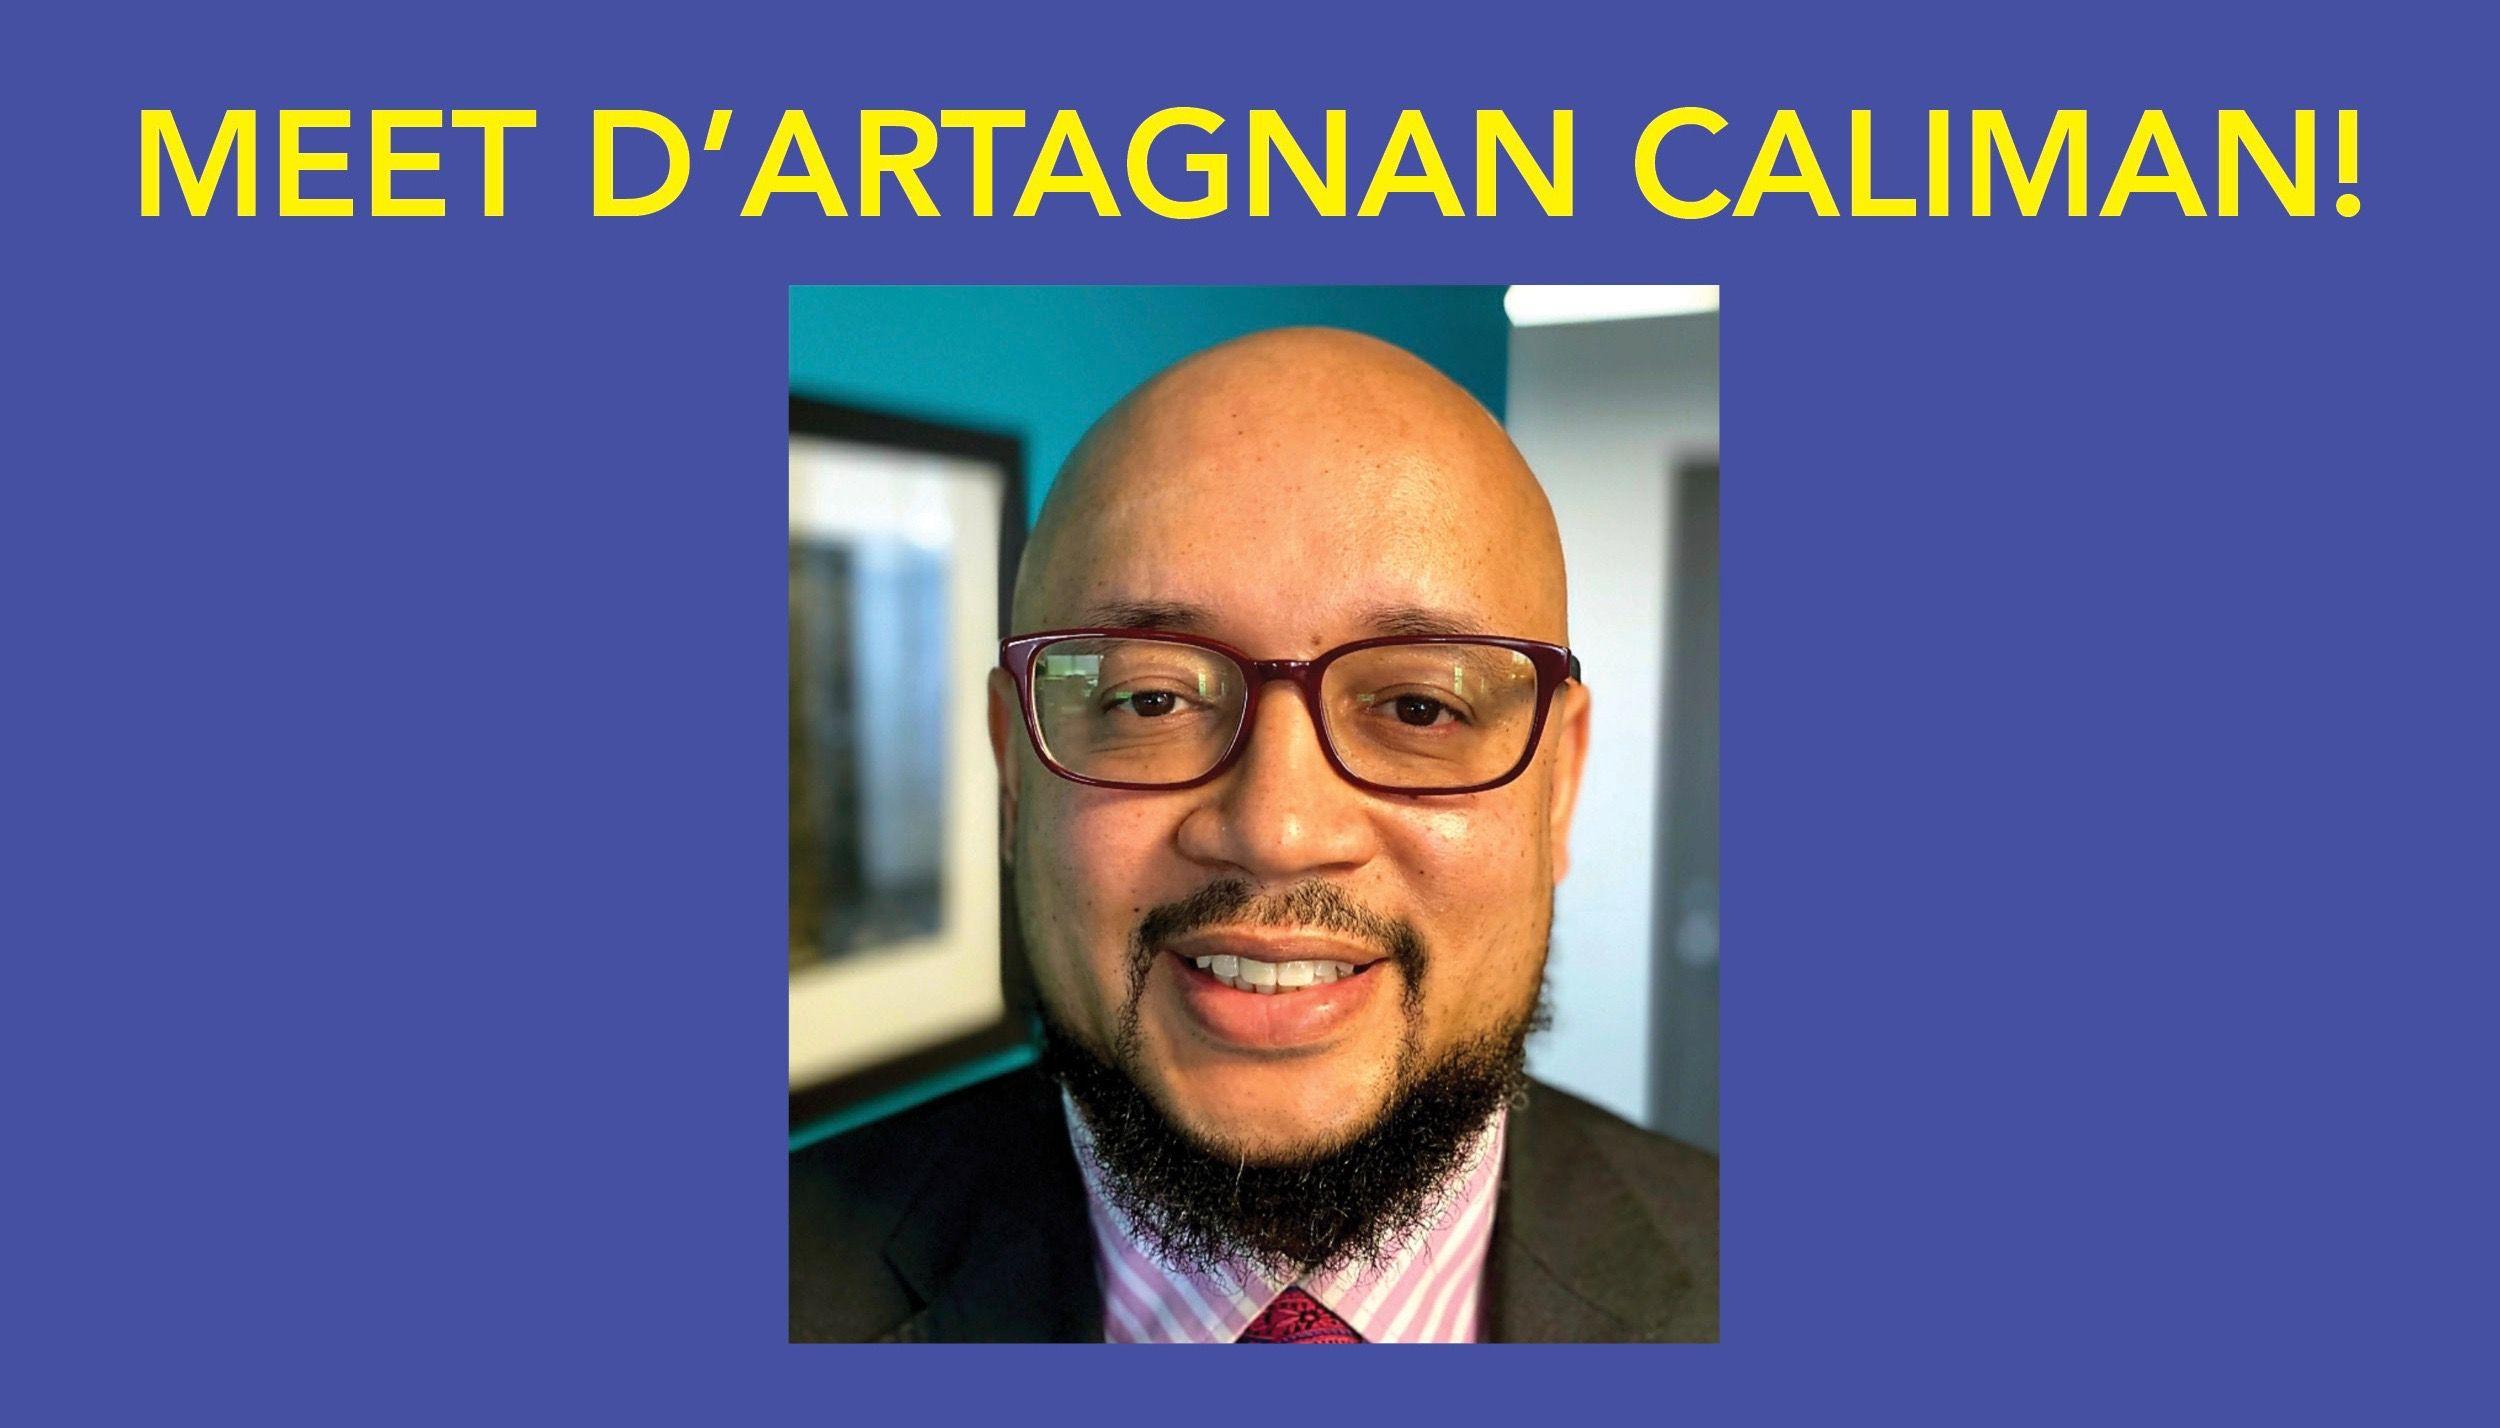 Meet D'Artagnan Caliman